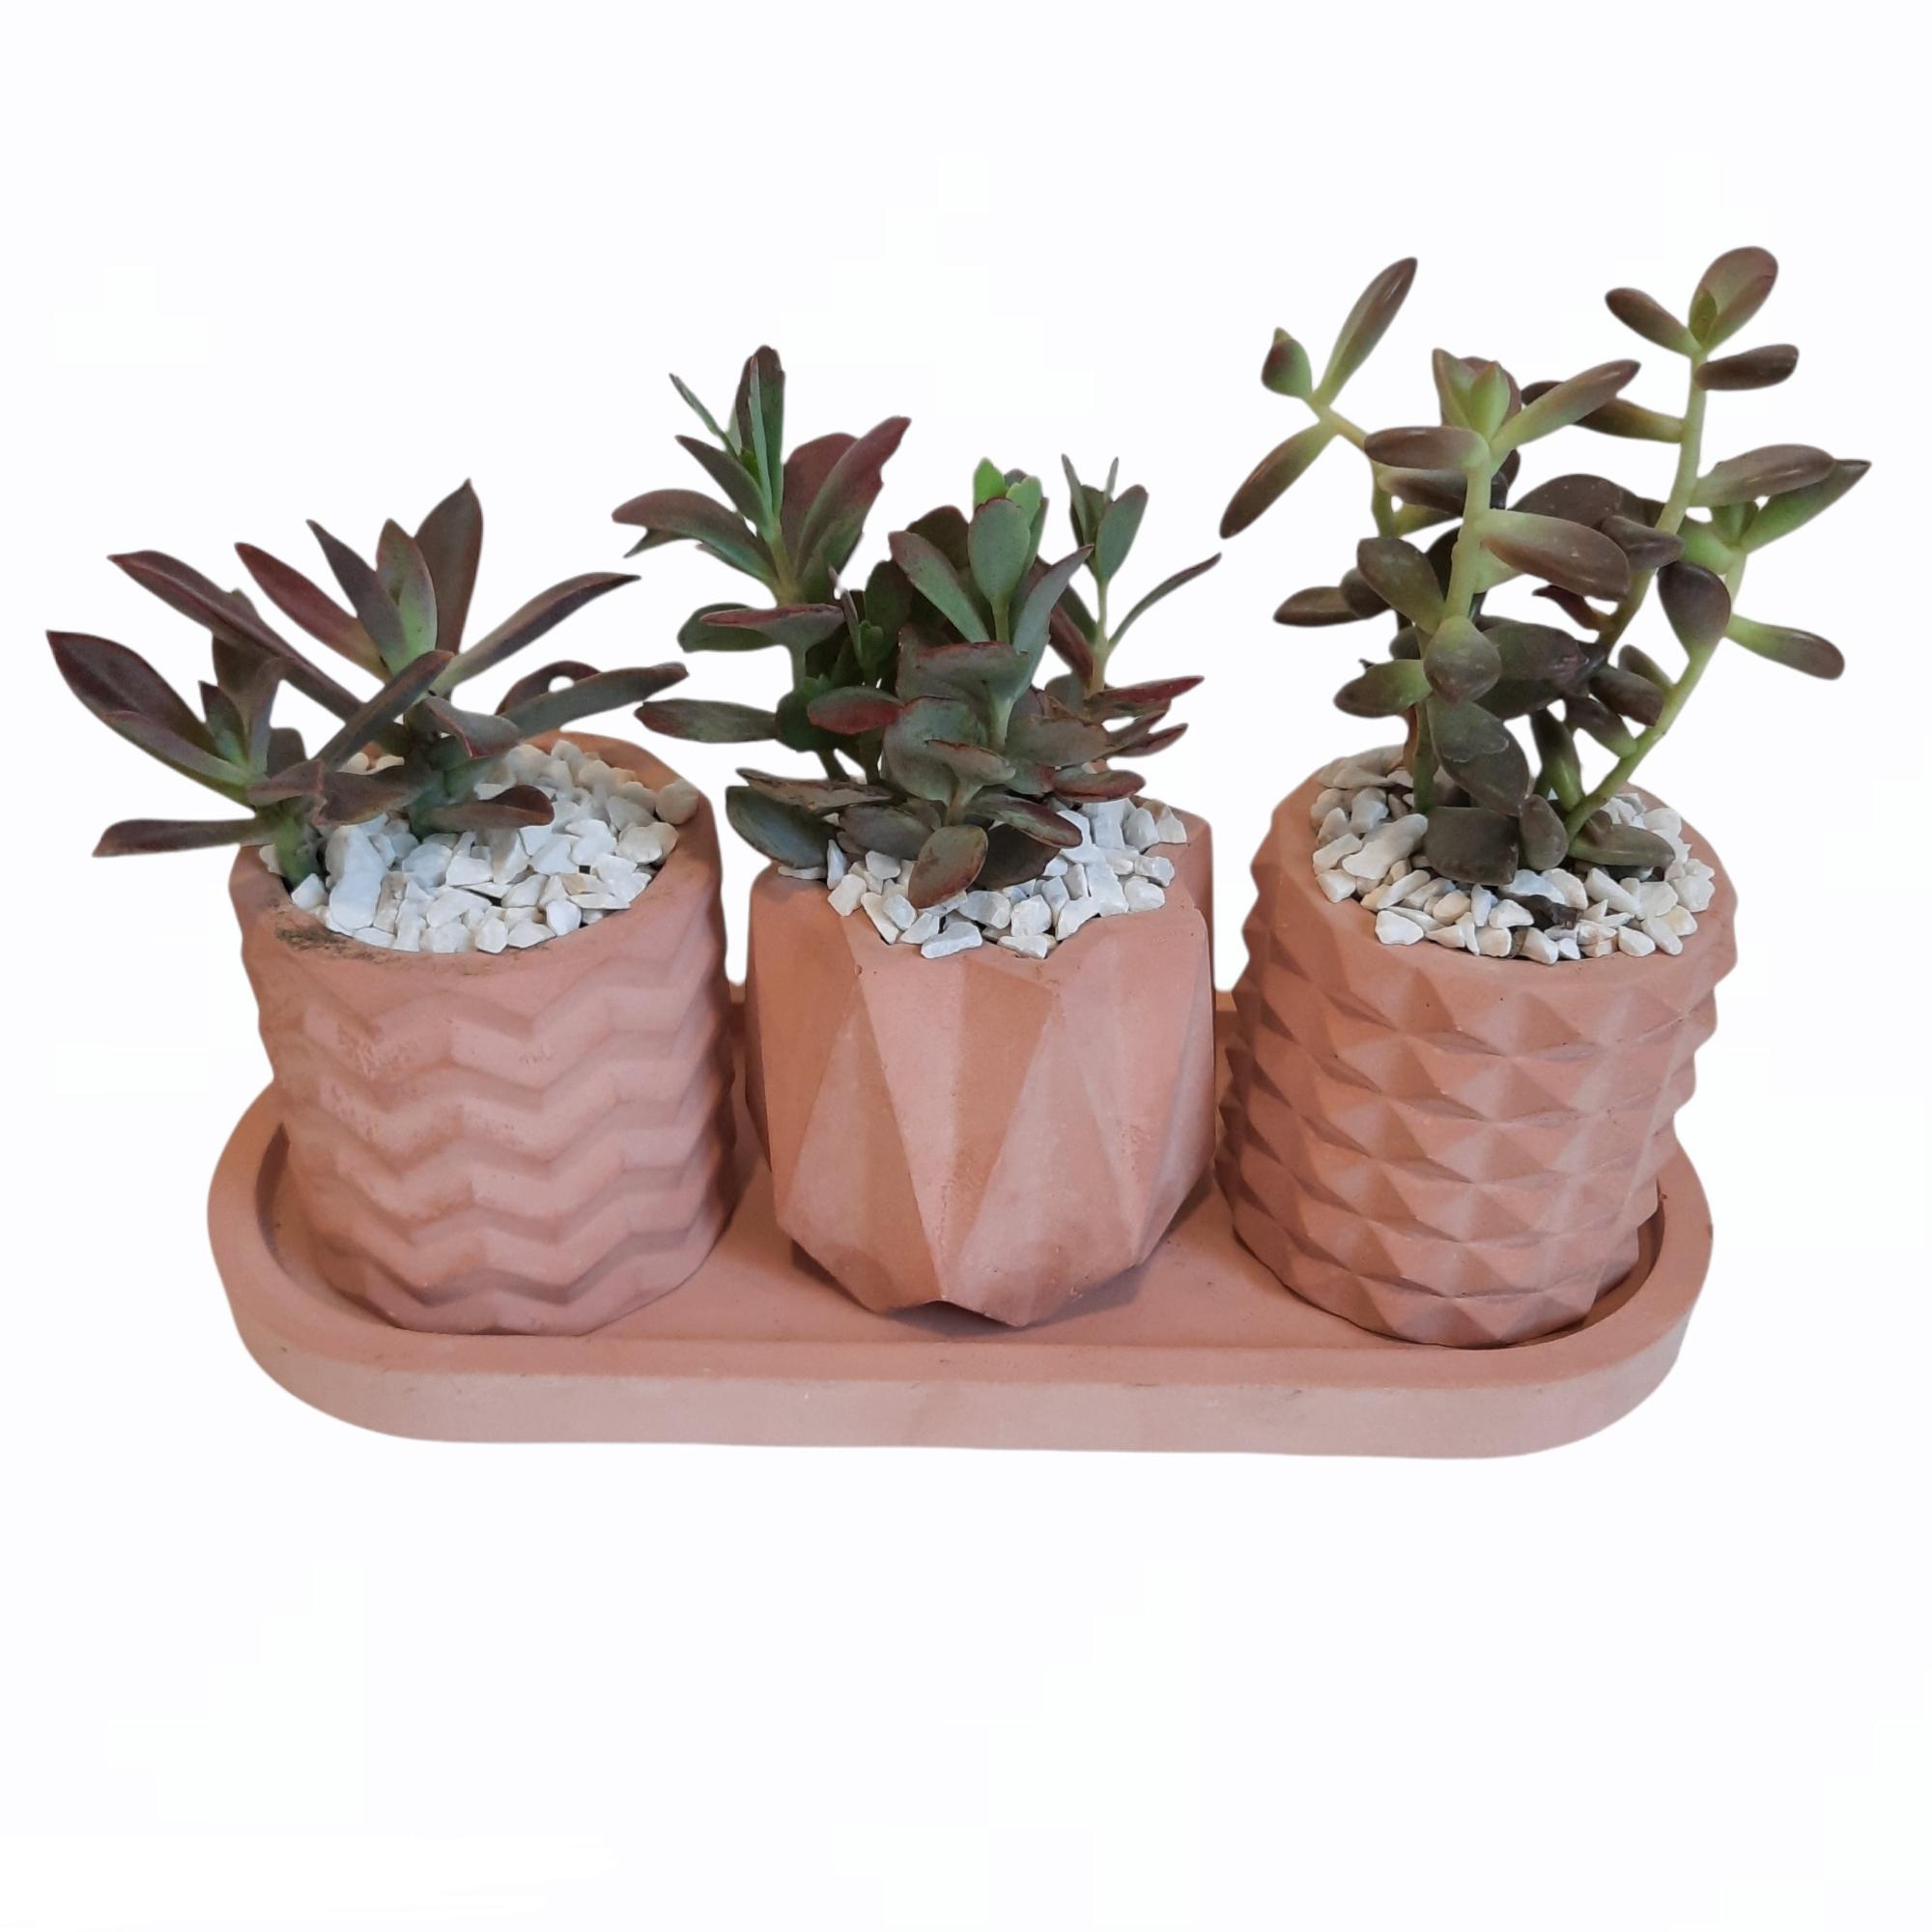 گیاه طبیعی ساکولنت و کاکتوسکد B مجموعه 3 عددی